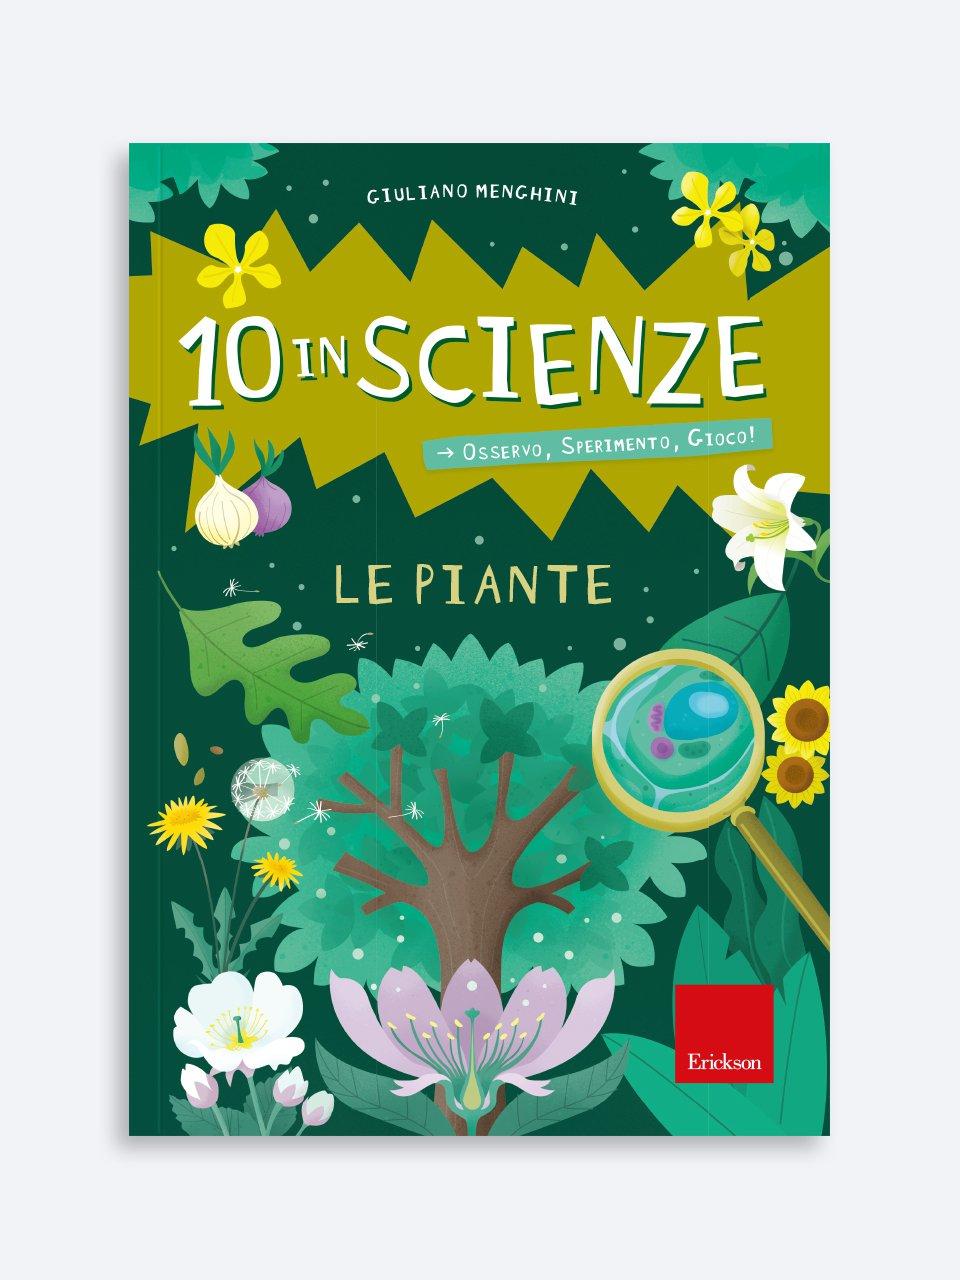 10 in scienze - Le piante - Libri su Educazione e Scuola, formazione insegnanti - Erickson